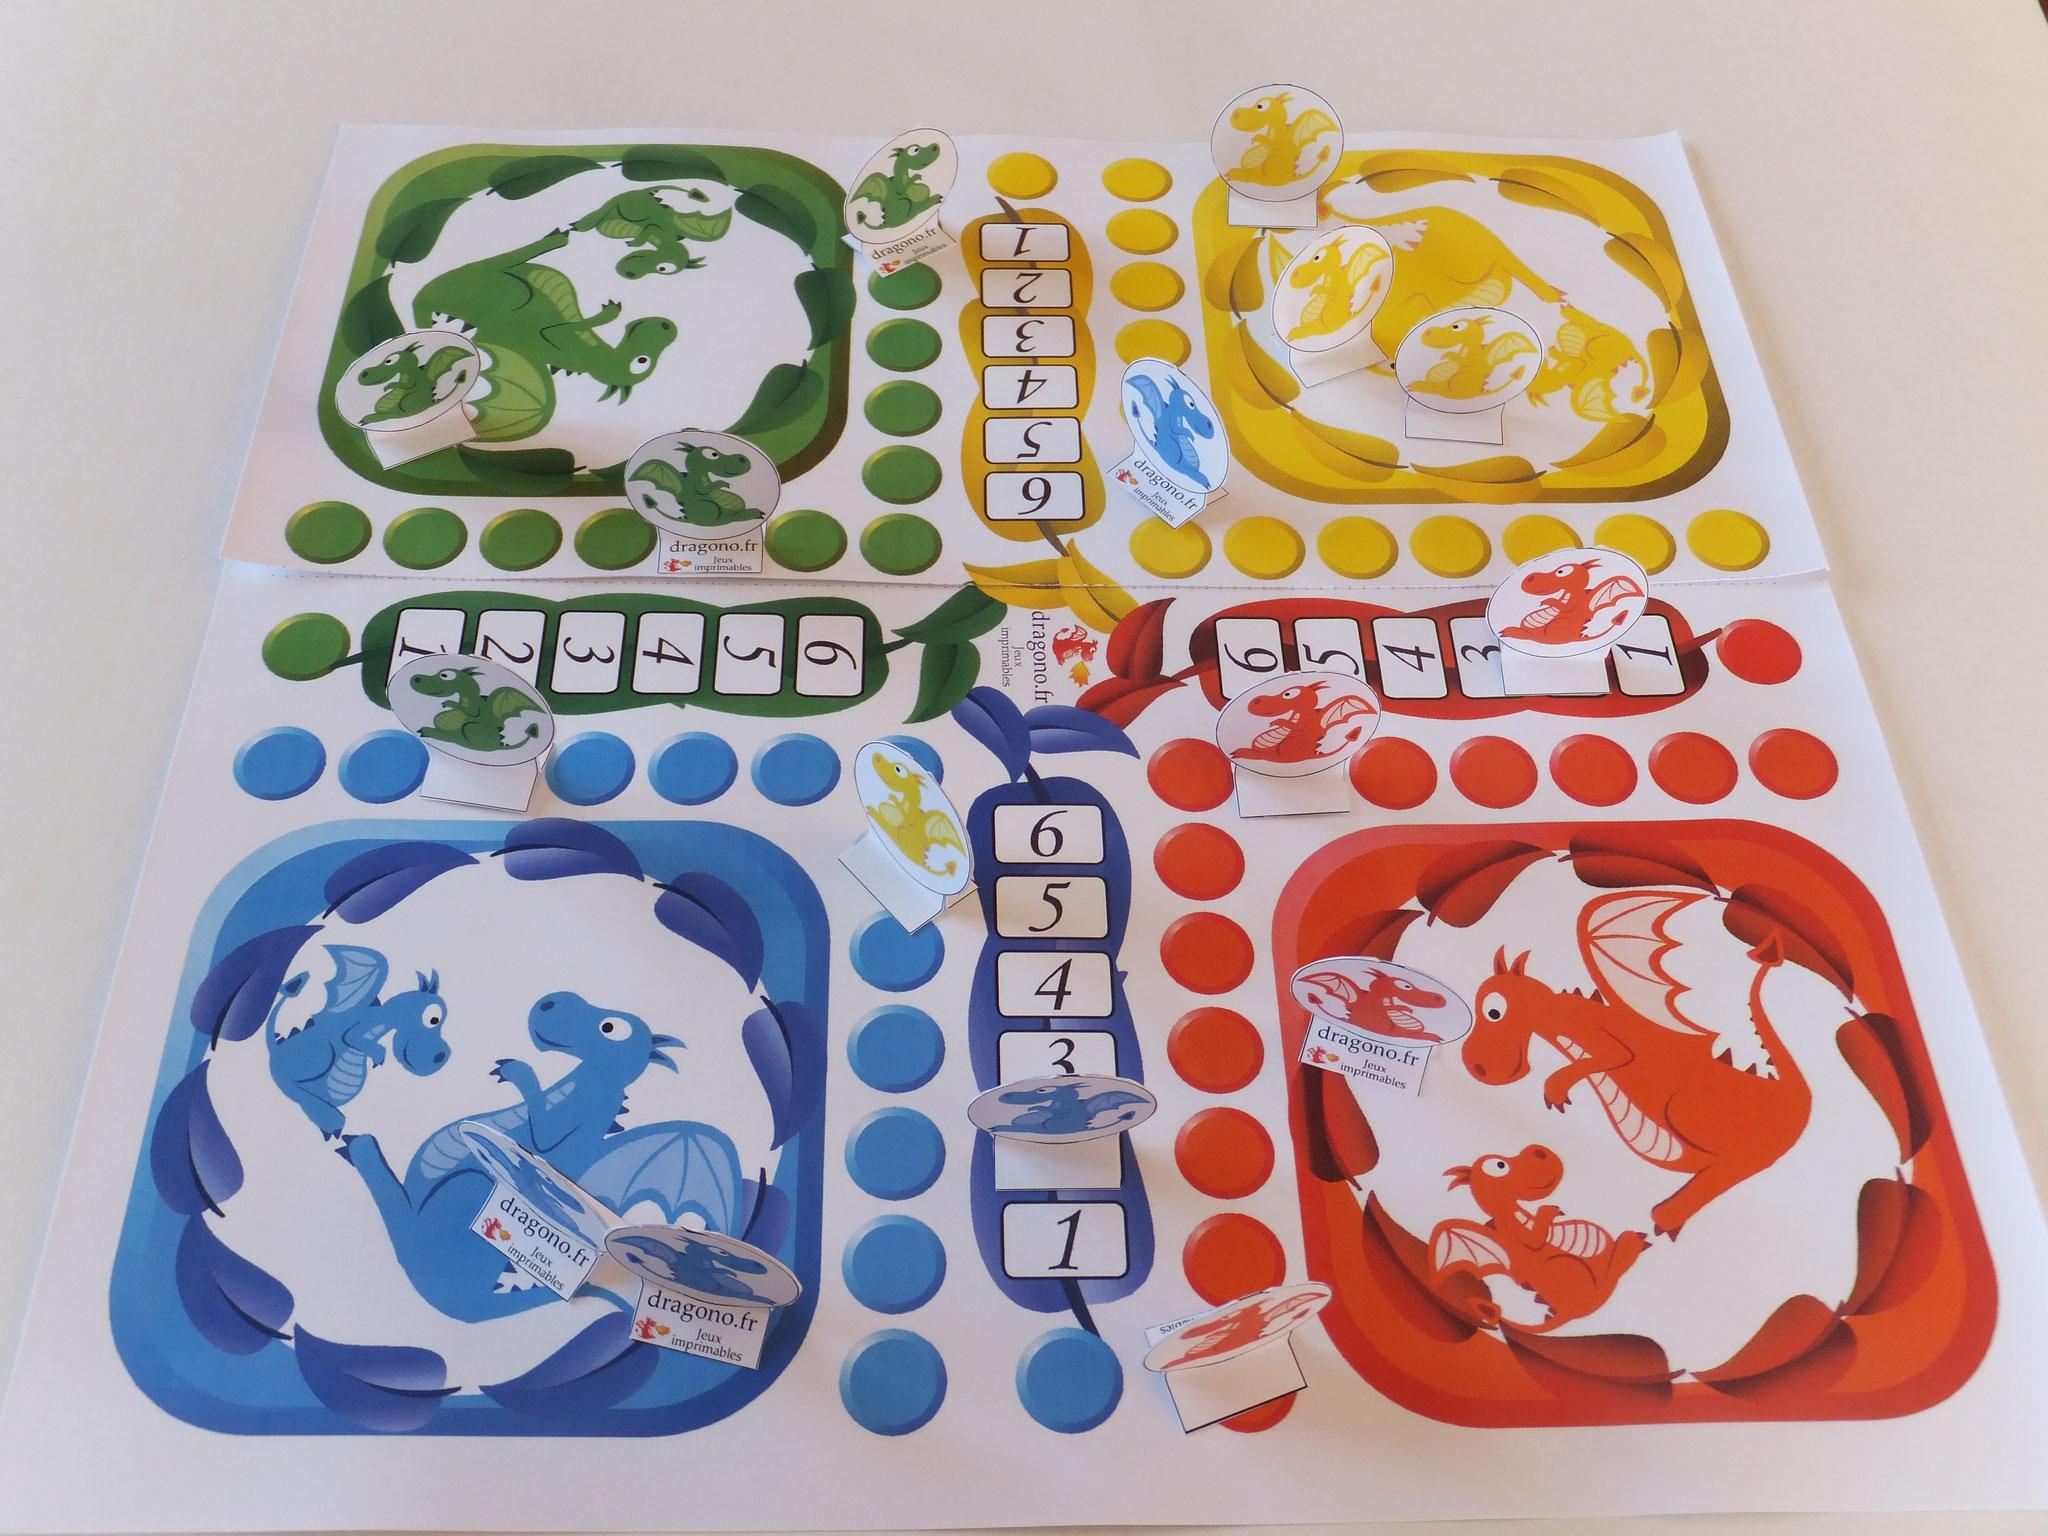 Jeux A Imprimer Pour Enfants, Famille, Ludiques, Éducatifs à Jeux Enfant Educatif